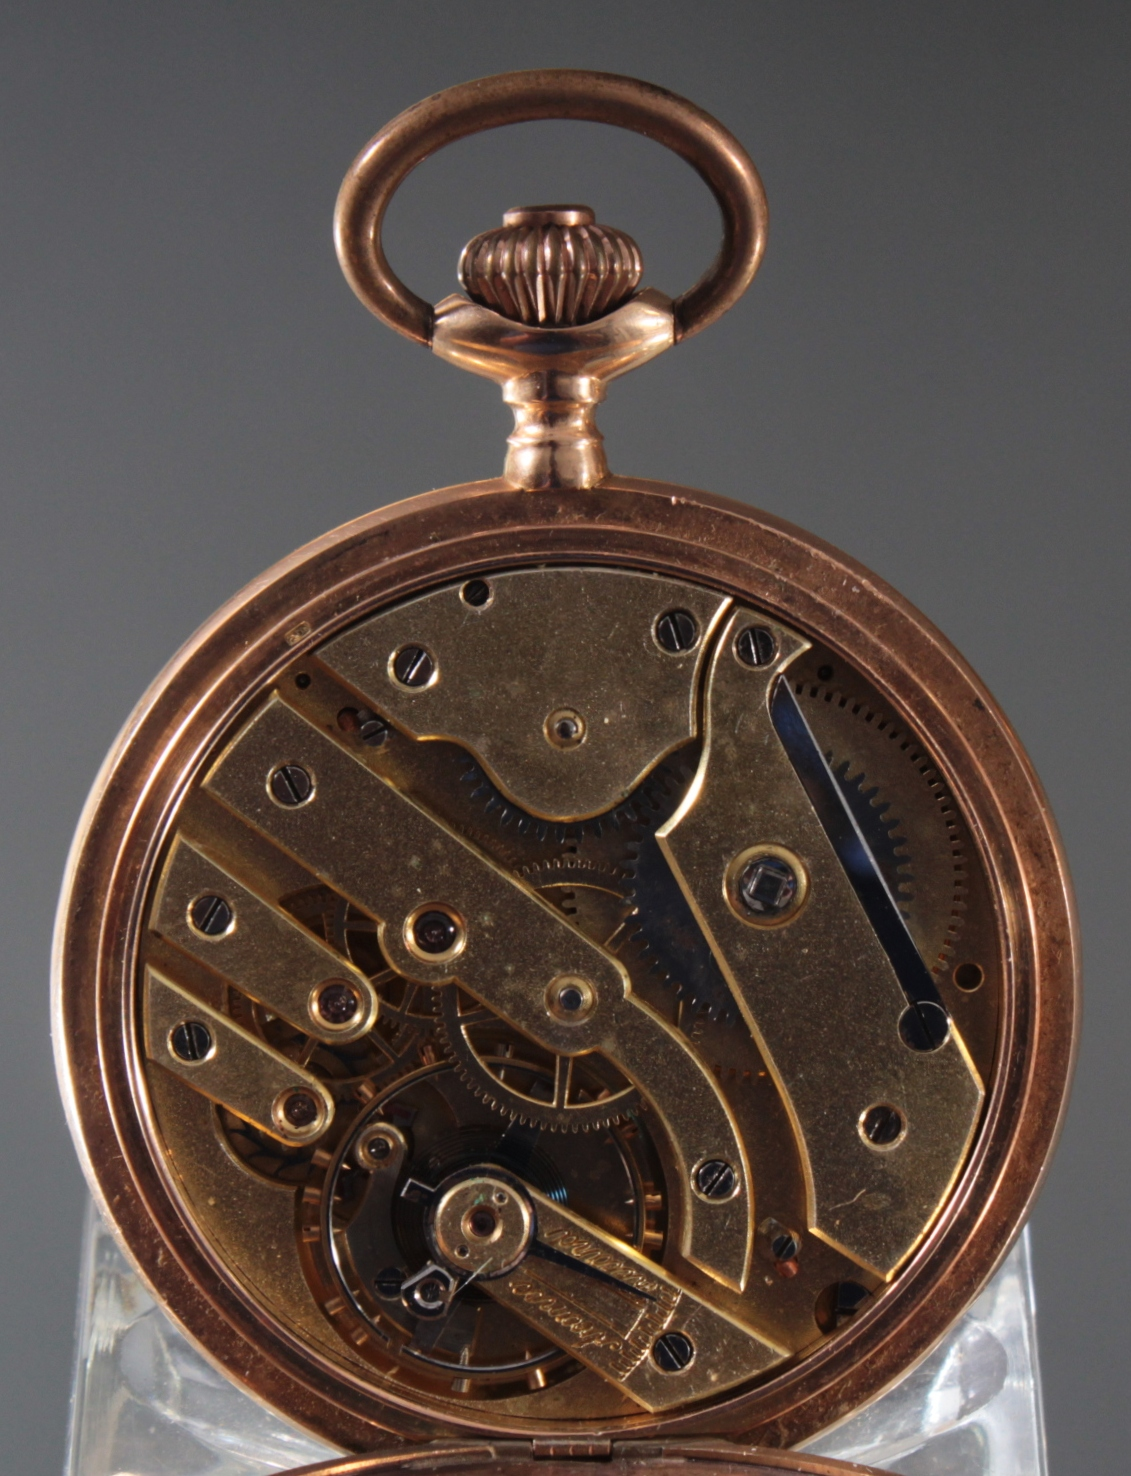 Herrentaschenuhr aus 14 Karat Gold um 1900-5